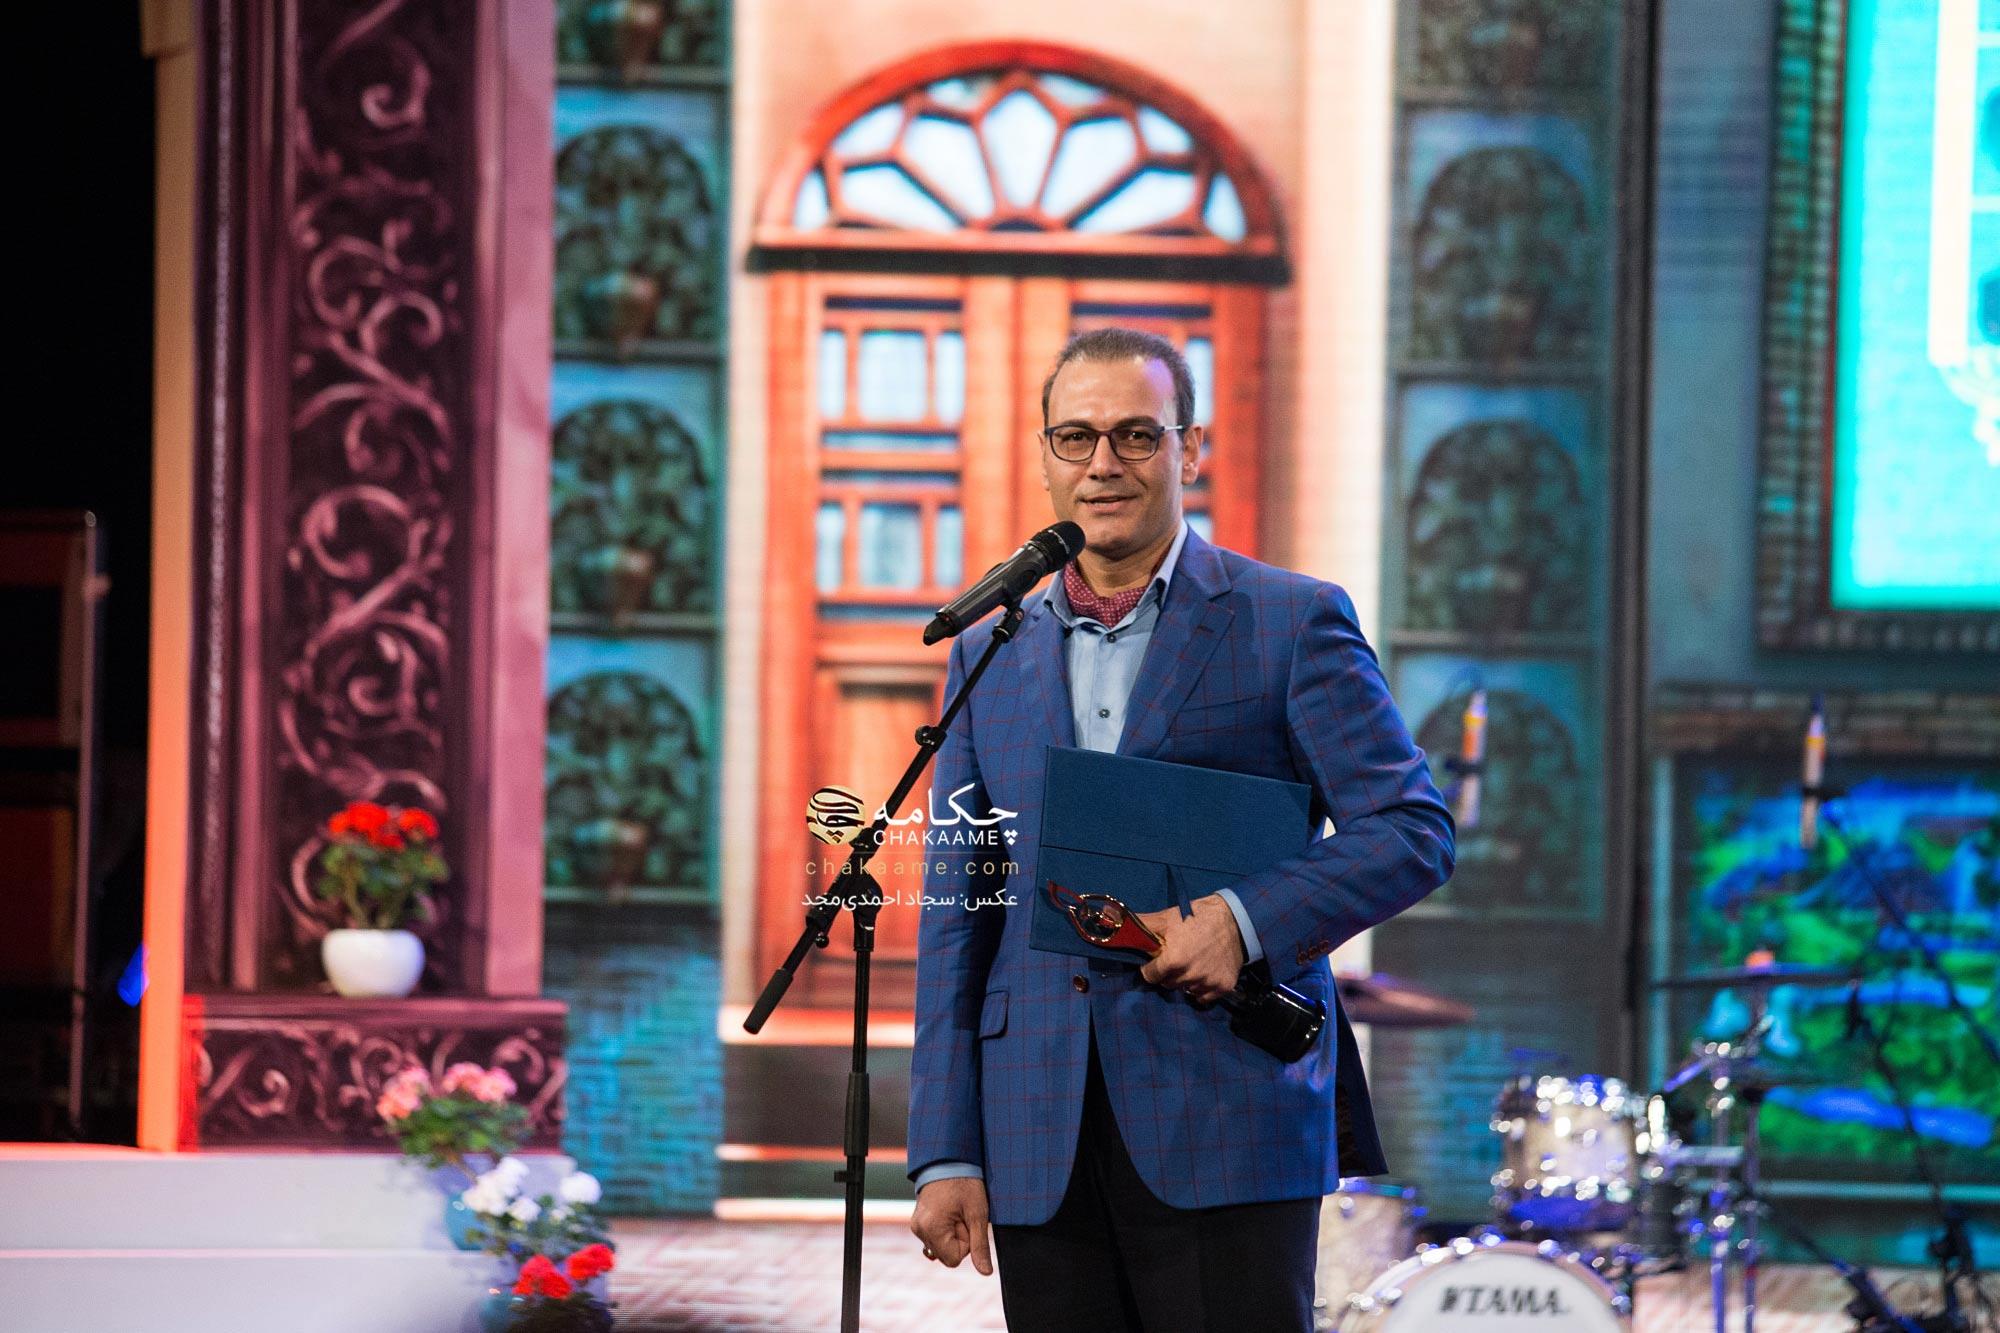 علیرضا قربانی - برگزیده پنجمین جشن سالانه موسیقی ما